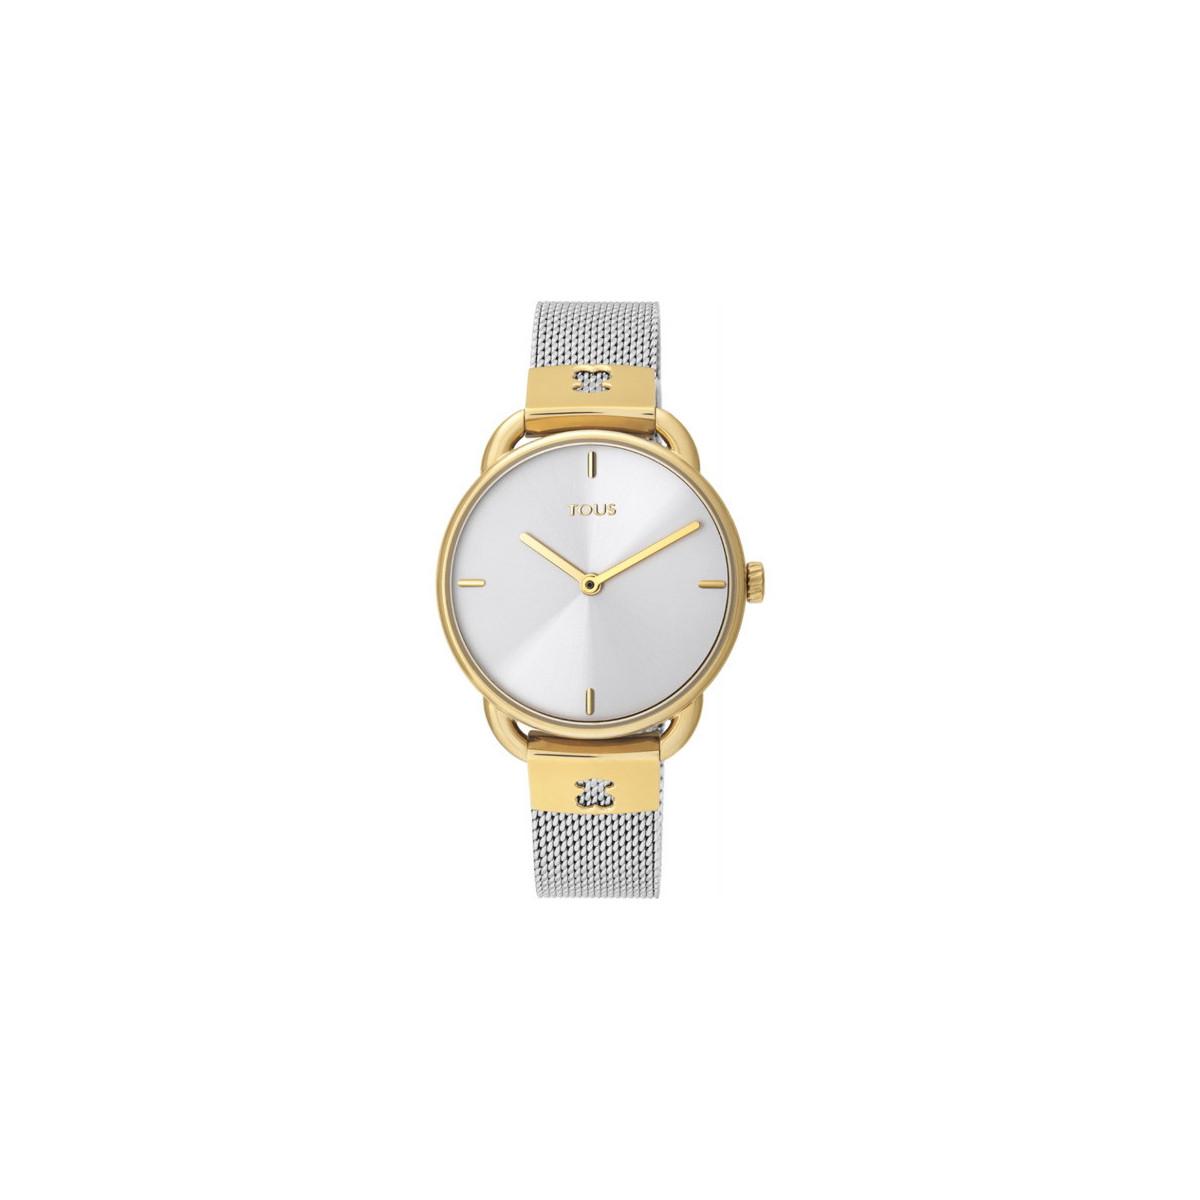 Reloj Tous Let Mesh 000351485